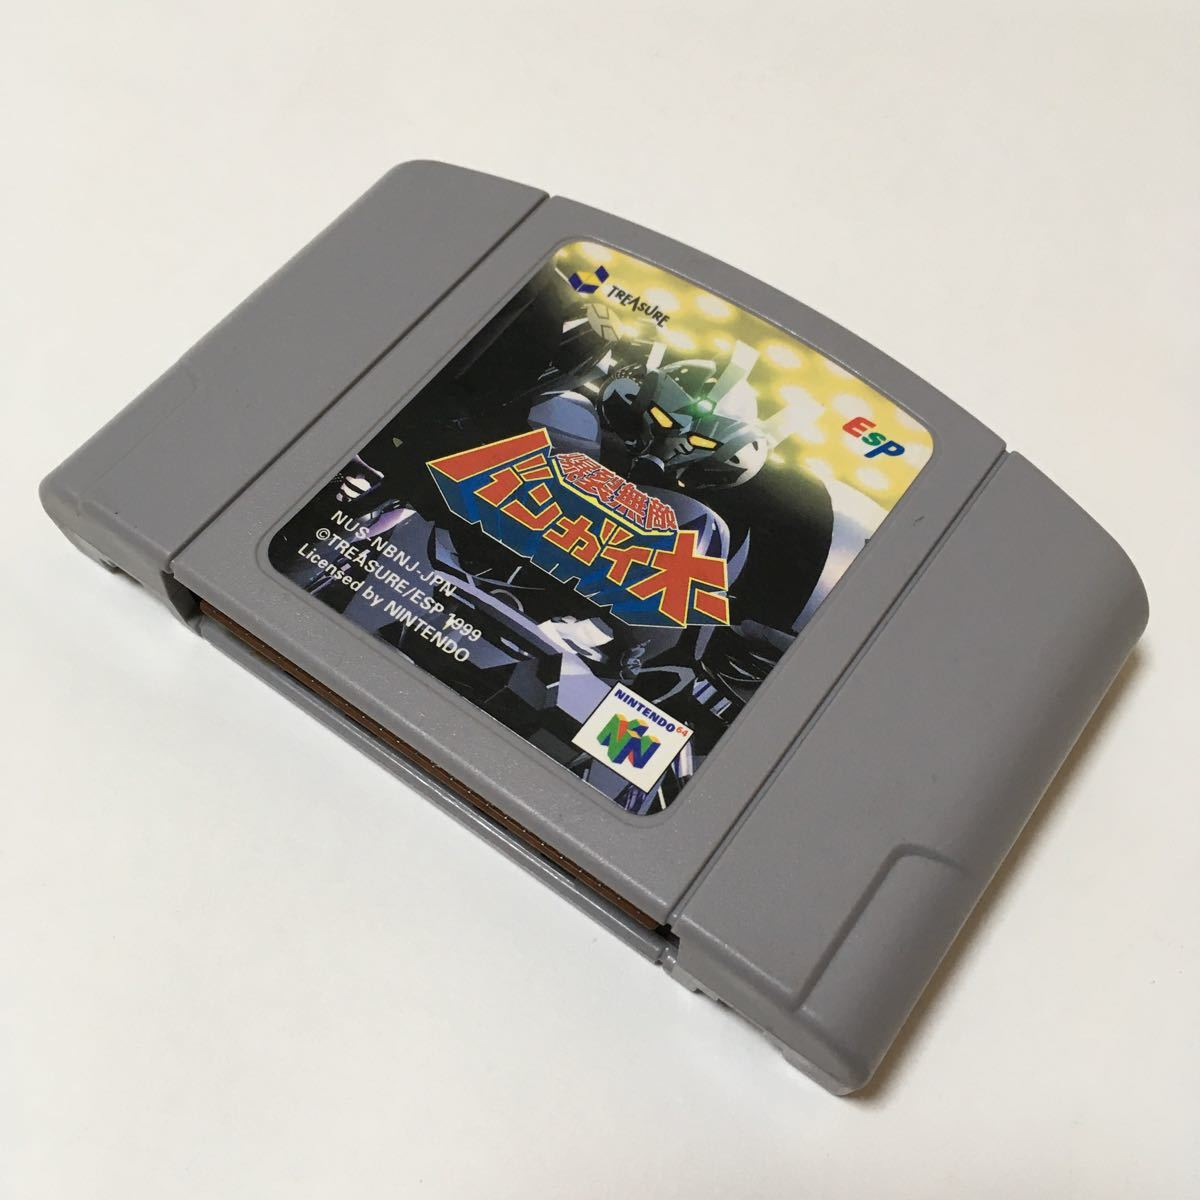 ニンテンドー64  ソフト 爆裂無敵バンガイオー 動作確認済み カセット レトロ ゲーム プレミア 任天堂